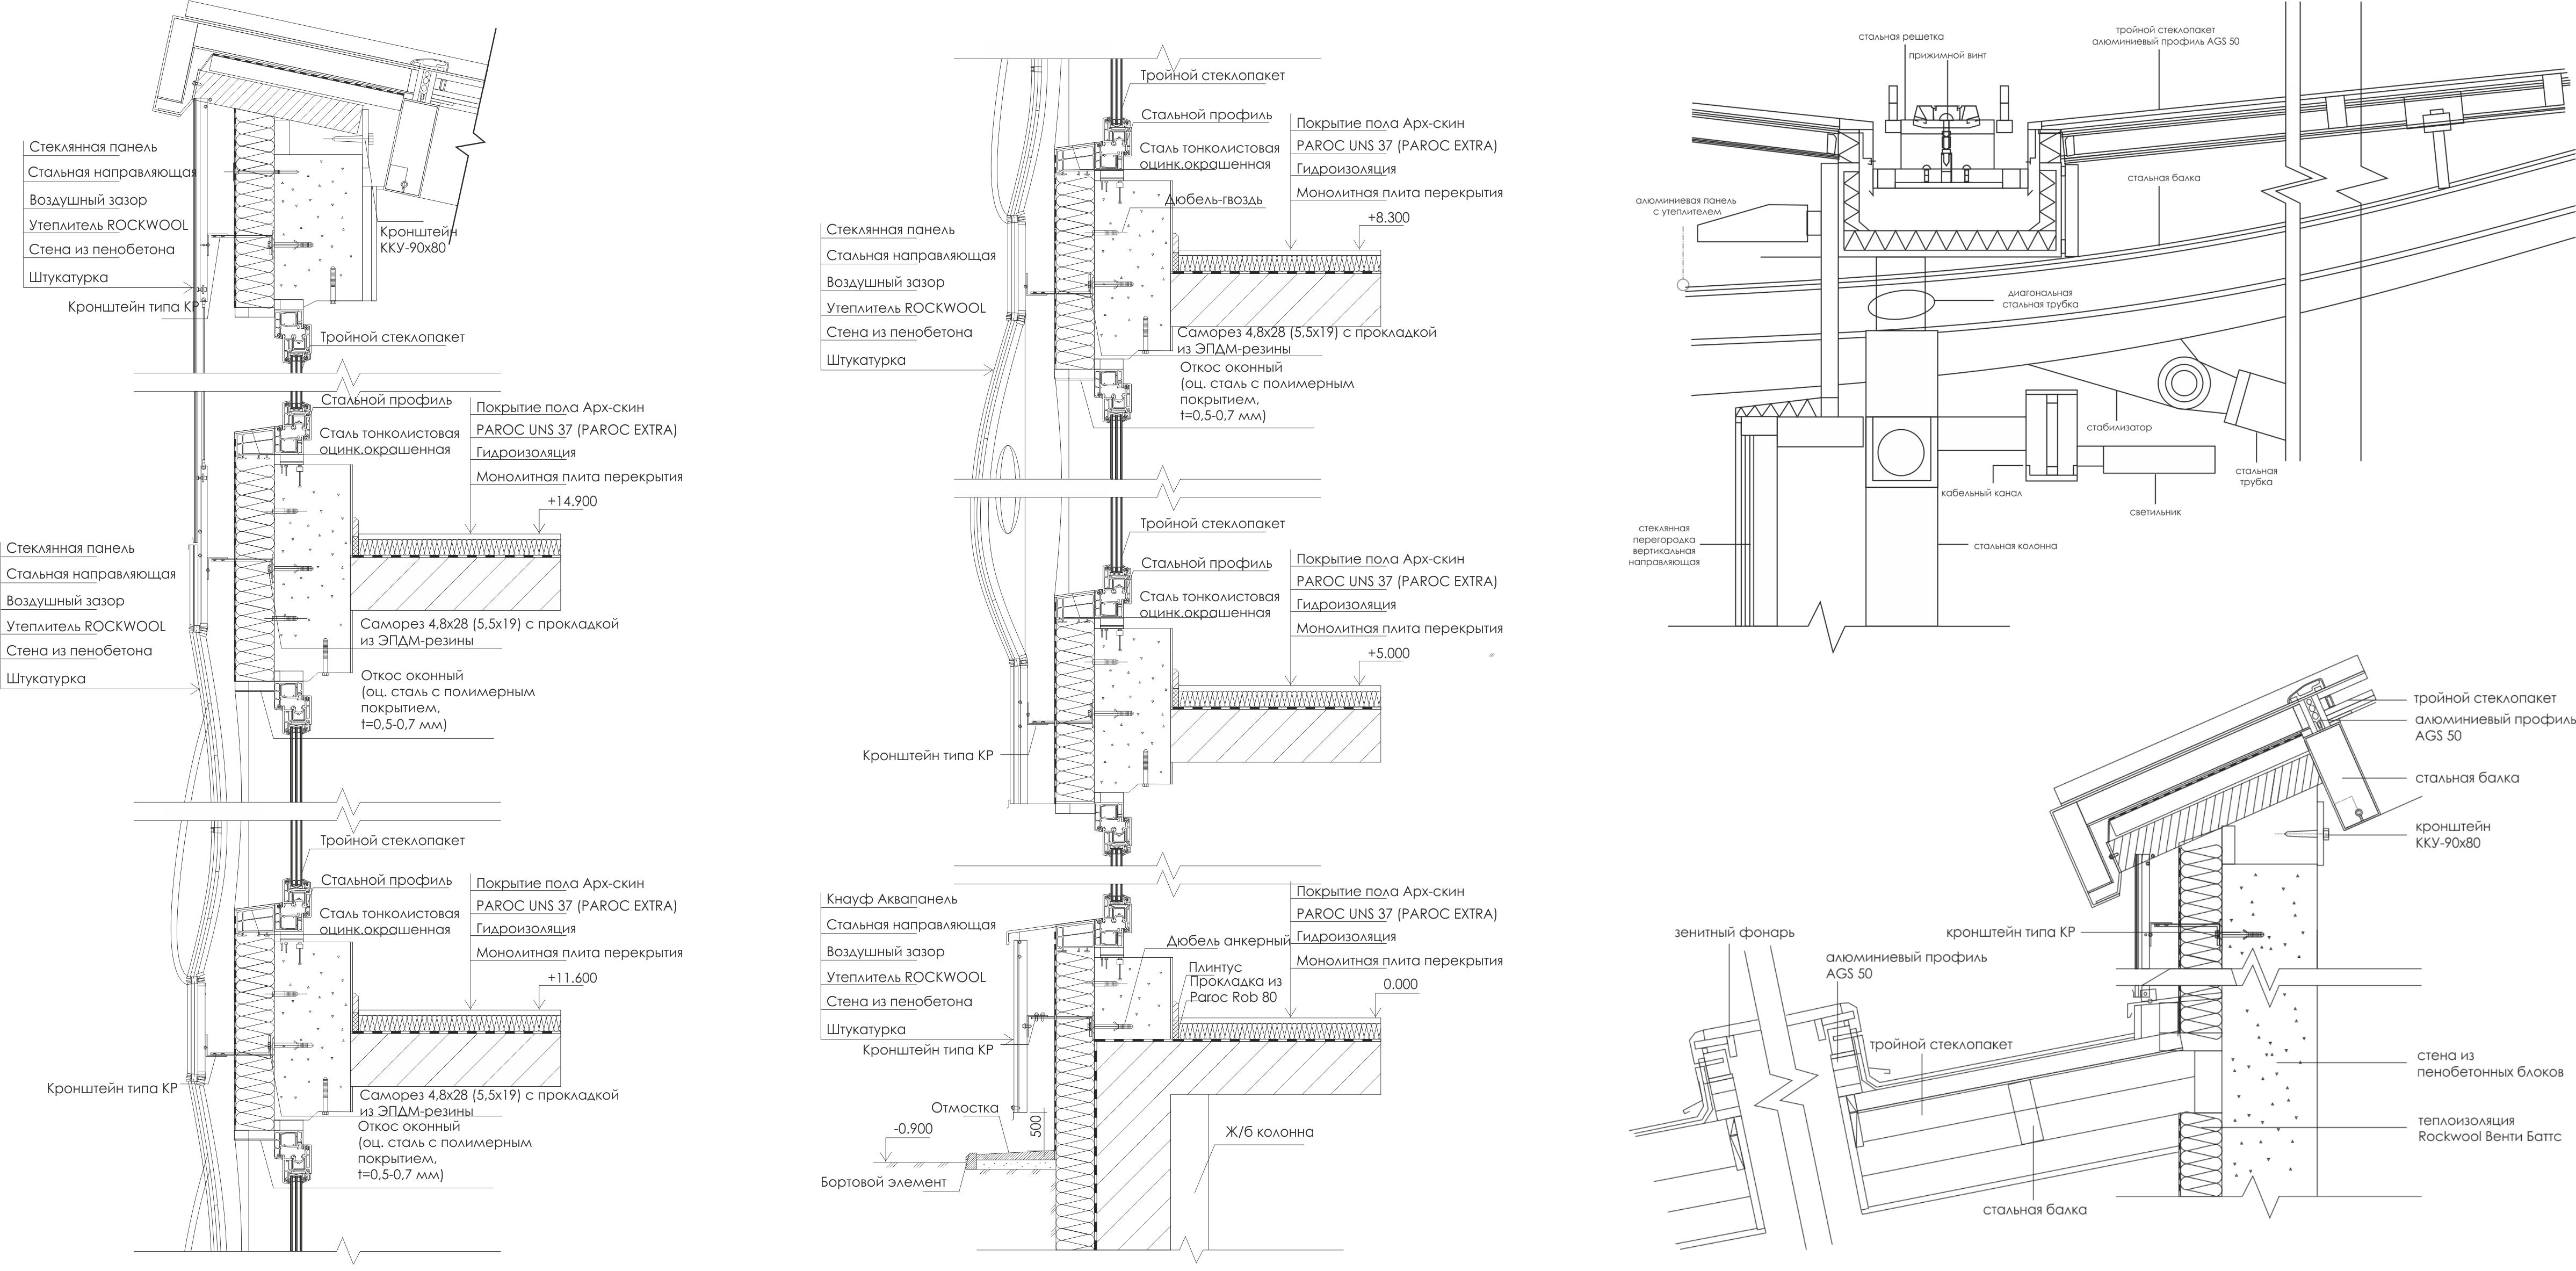 Конструктивные узлы. Гидрологический кластер. Проект автора